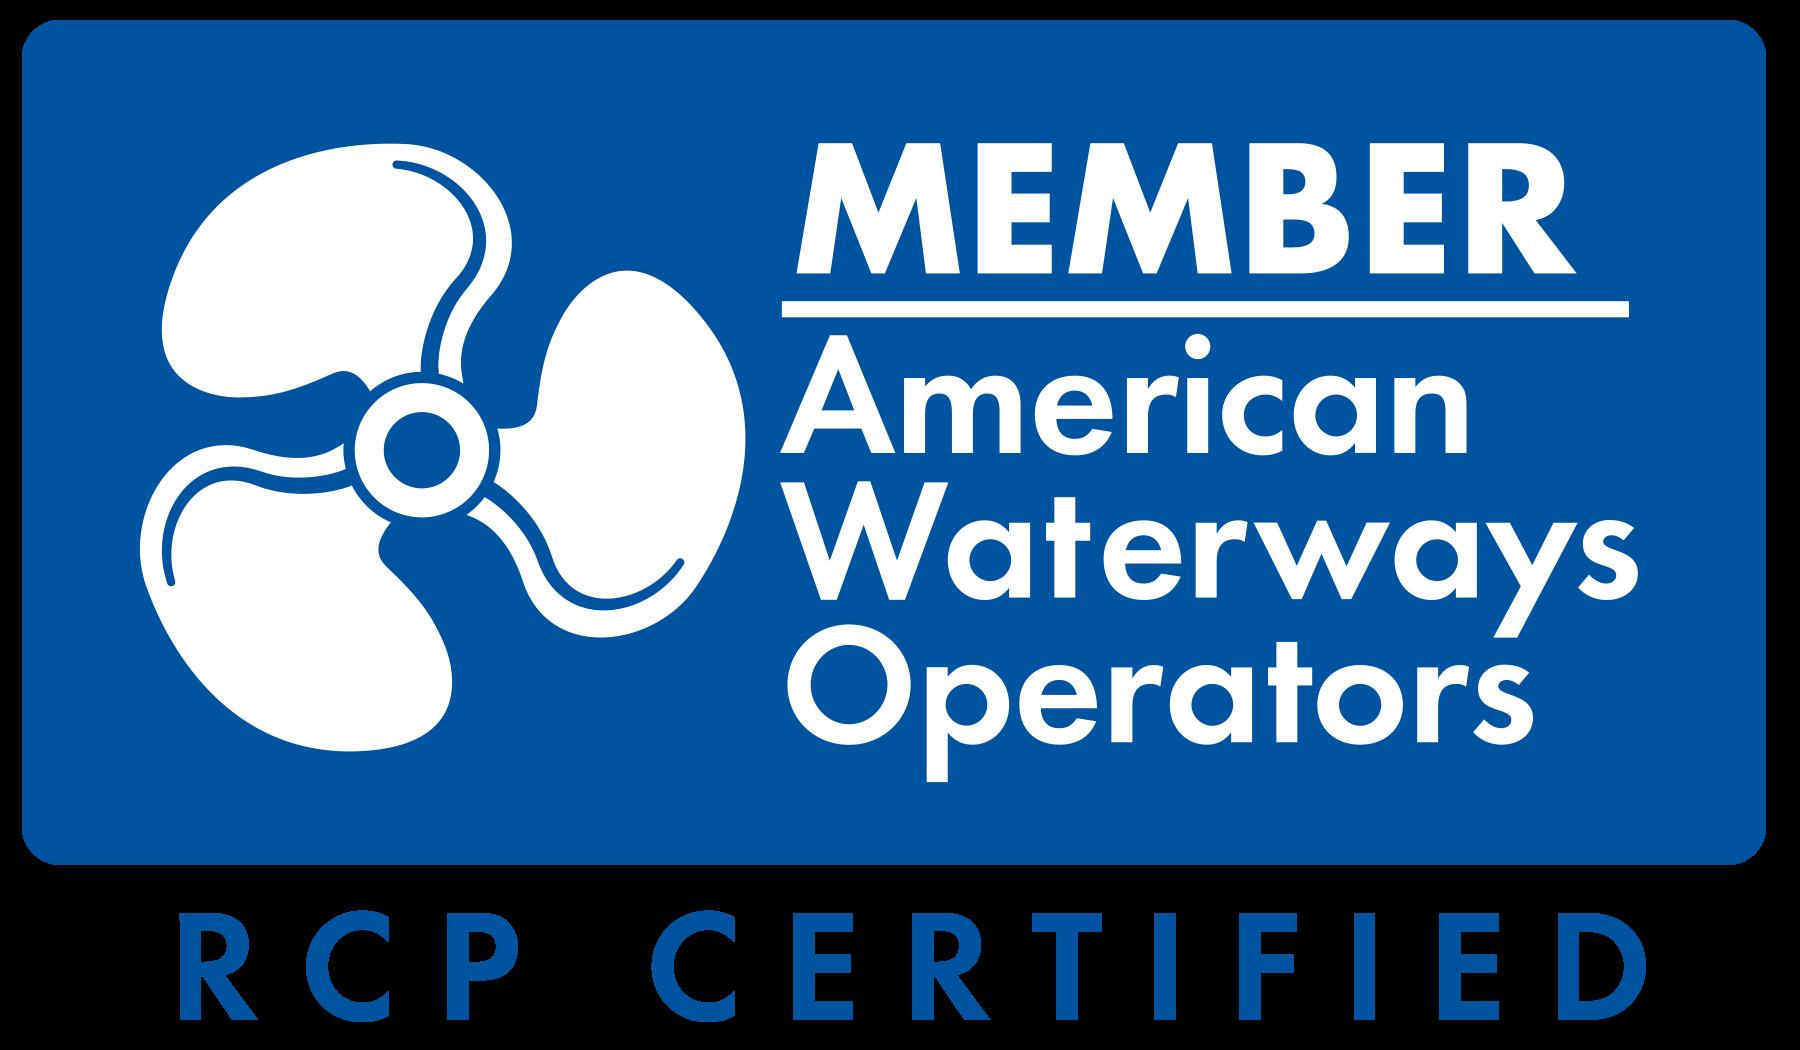 American Waterways Operators